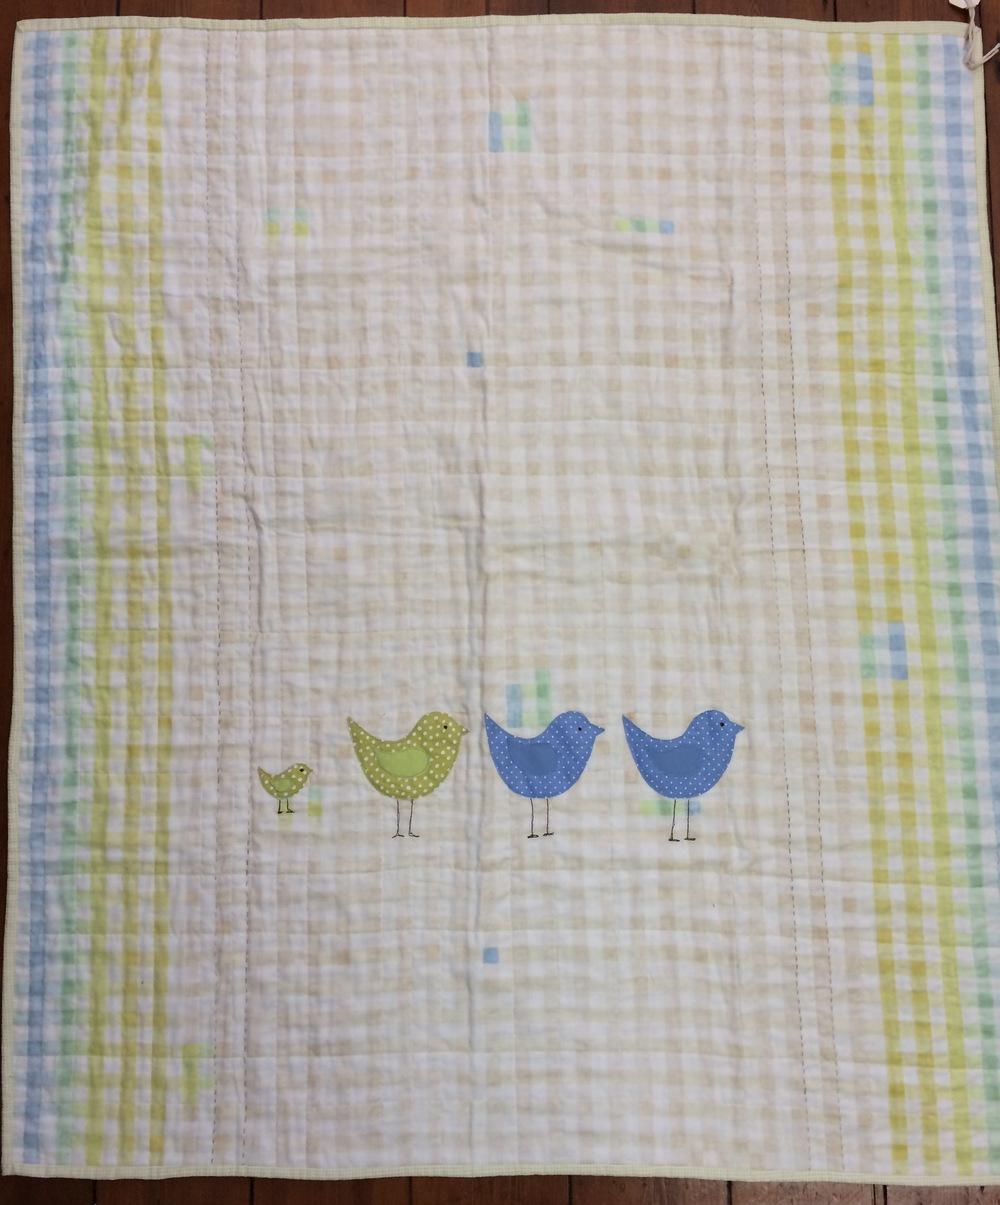 Birds appliquéd onto a whole cloth cot quilt.